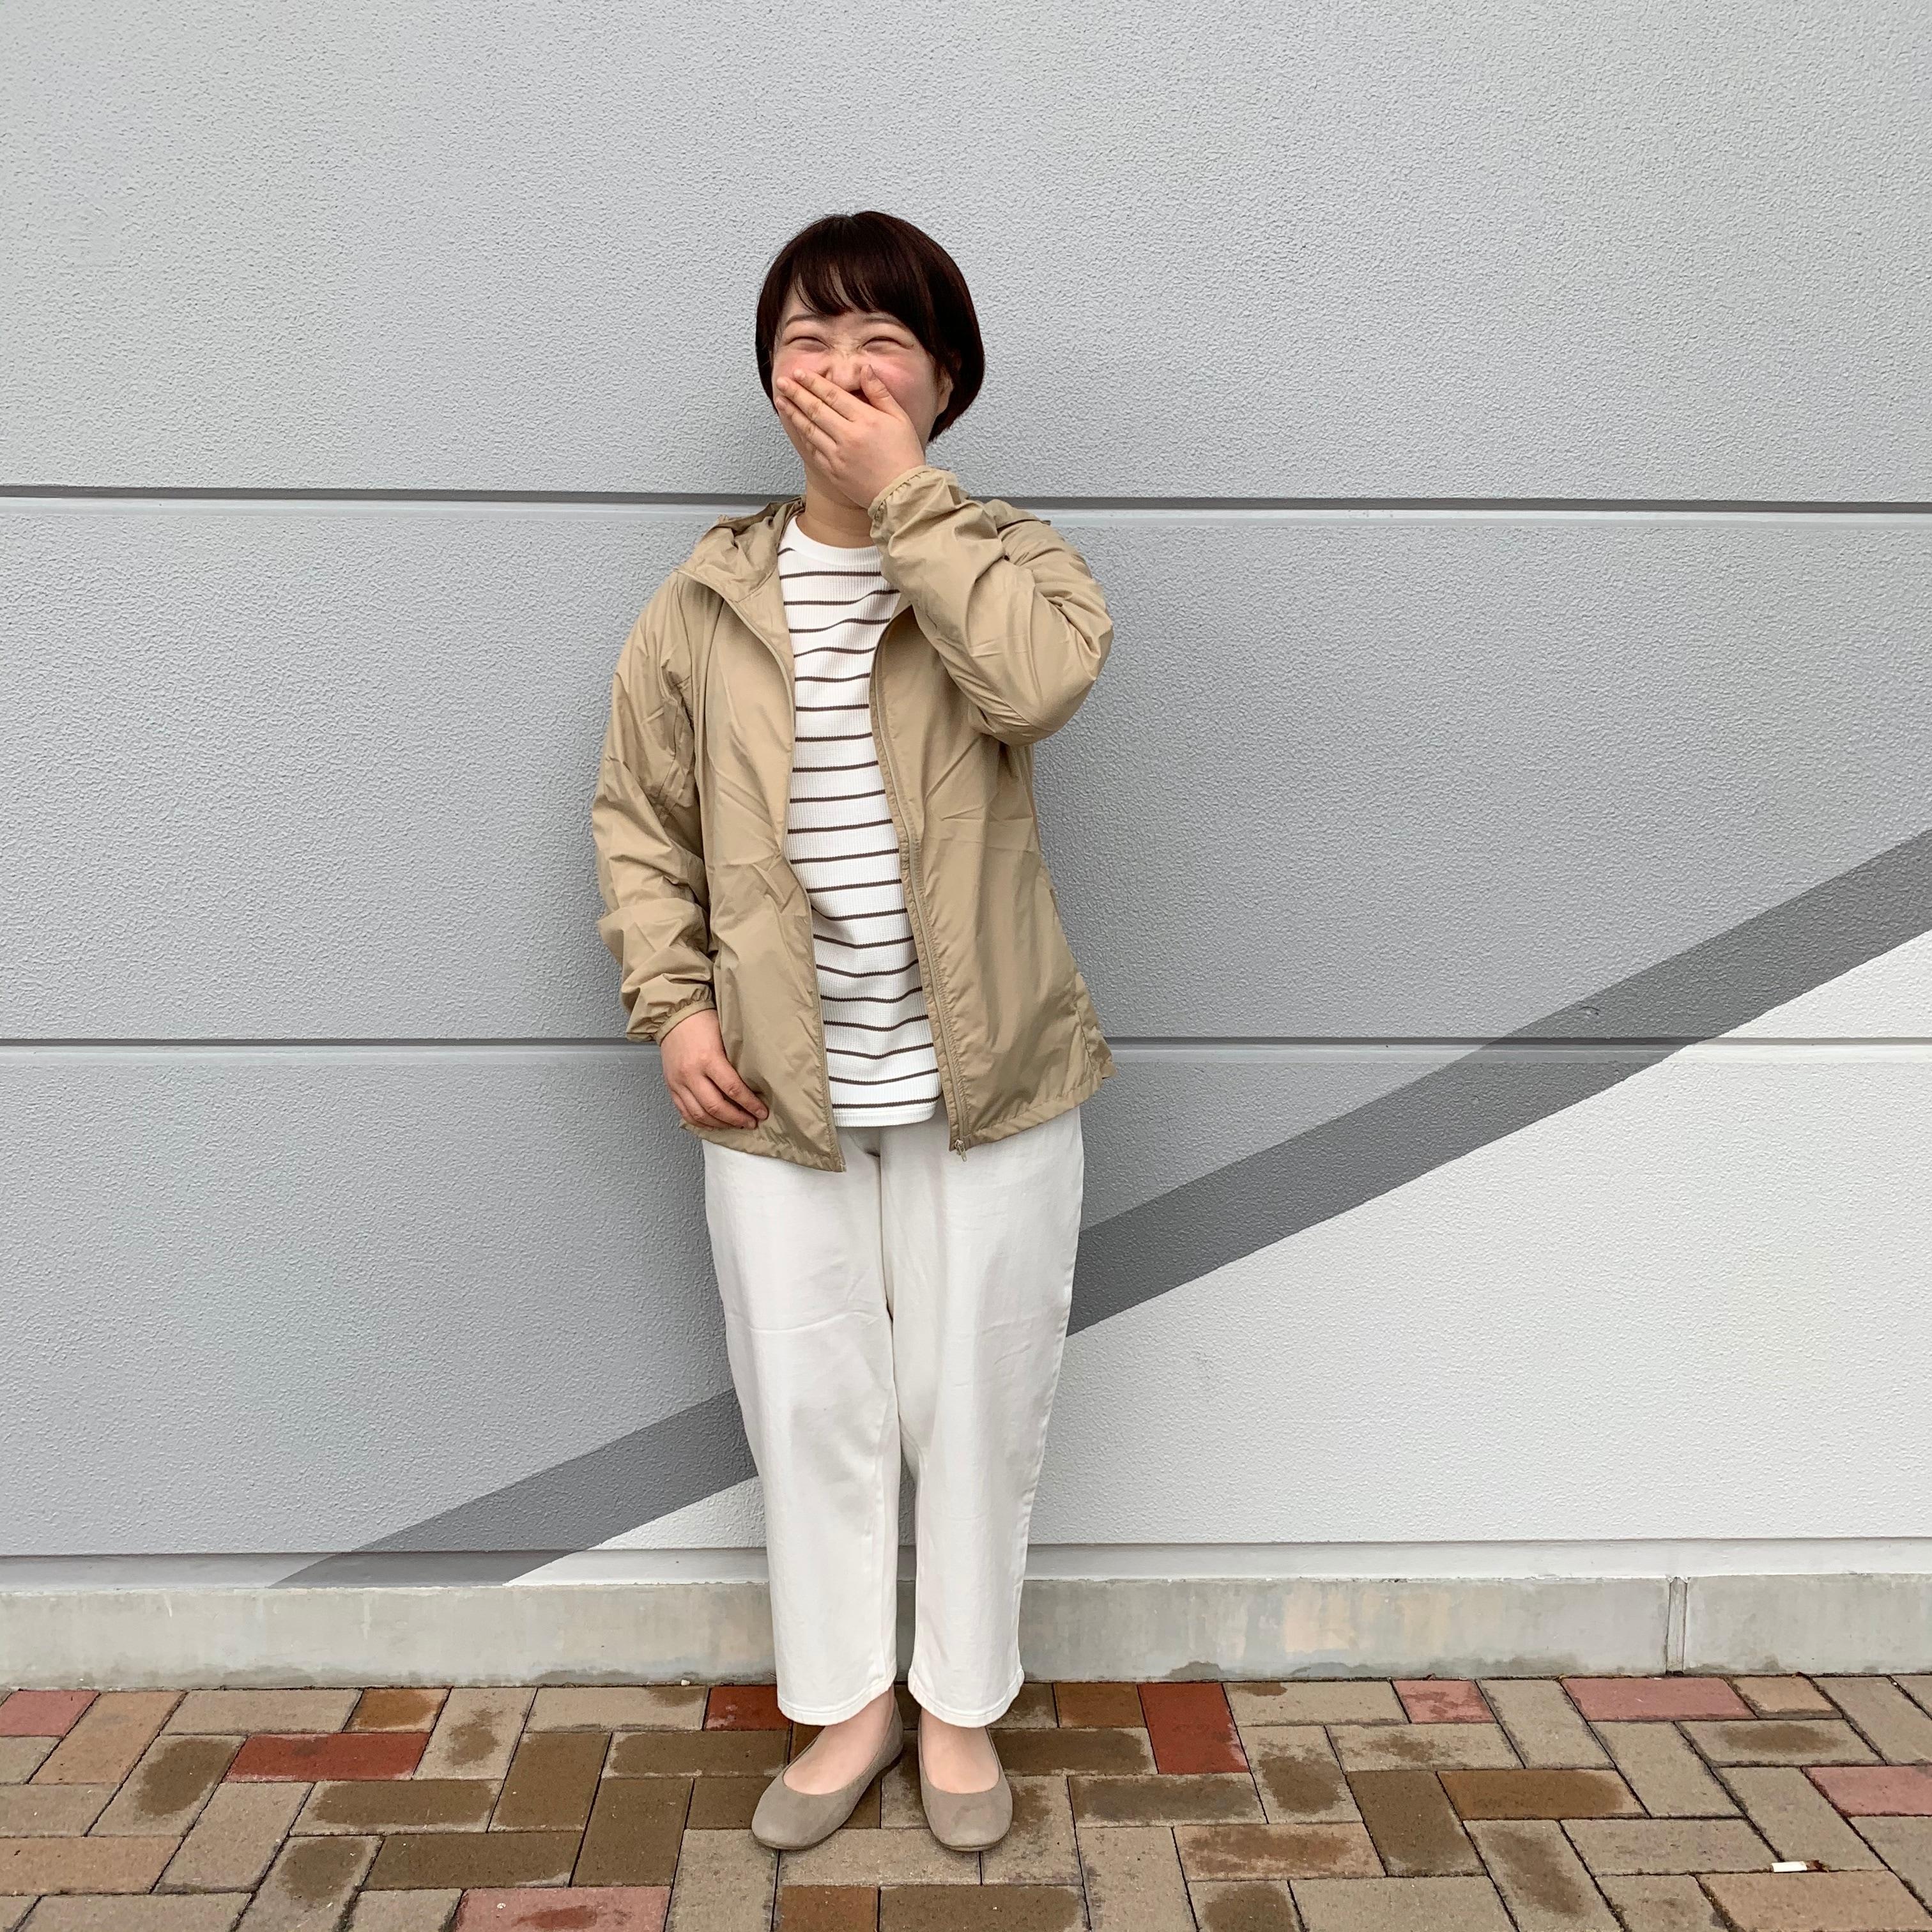 【堺北花田】万能アイテム『水を弾く 風を通しにくい ウィンドブレーカー』。 スタイリングアドバイザー